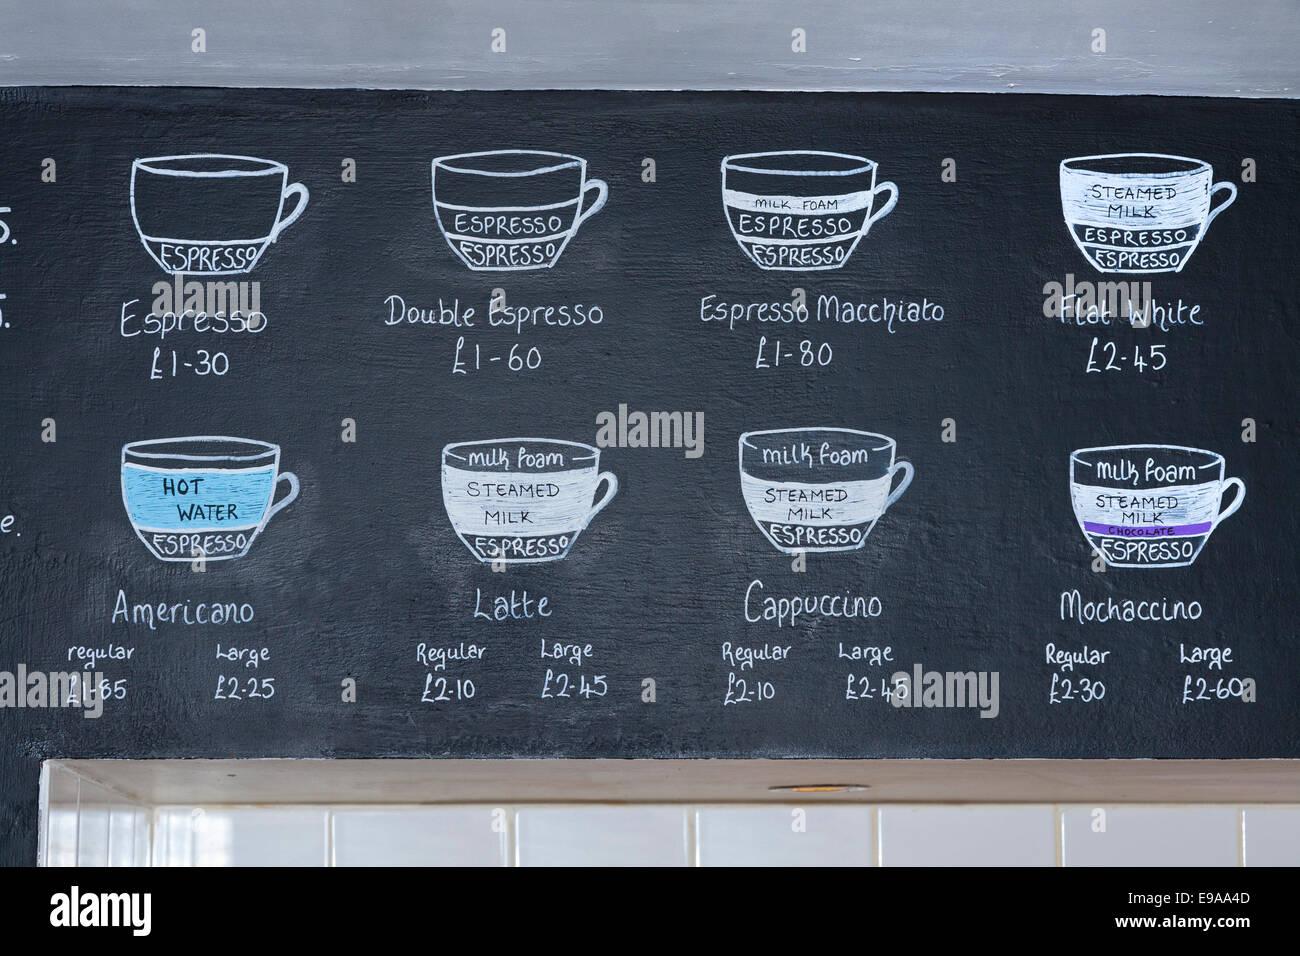 Menü und Preis-Liste für Kaffeegetränke auf einer Tafel in einem ...